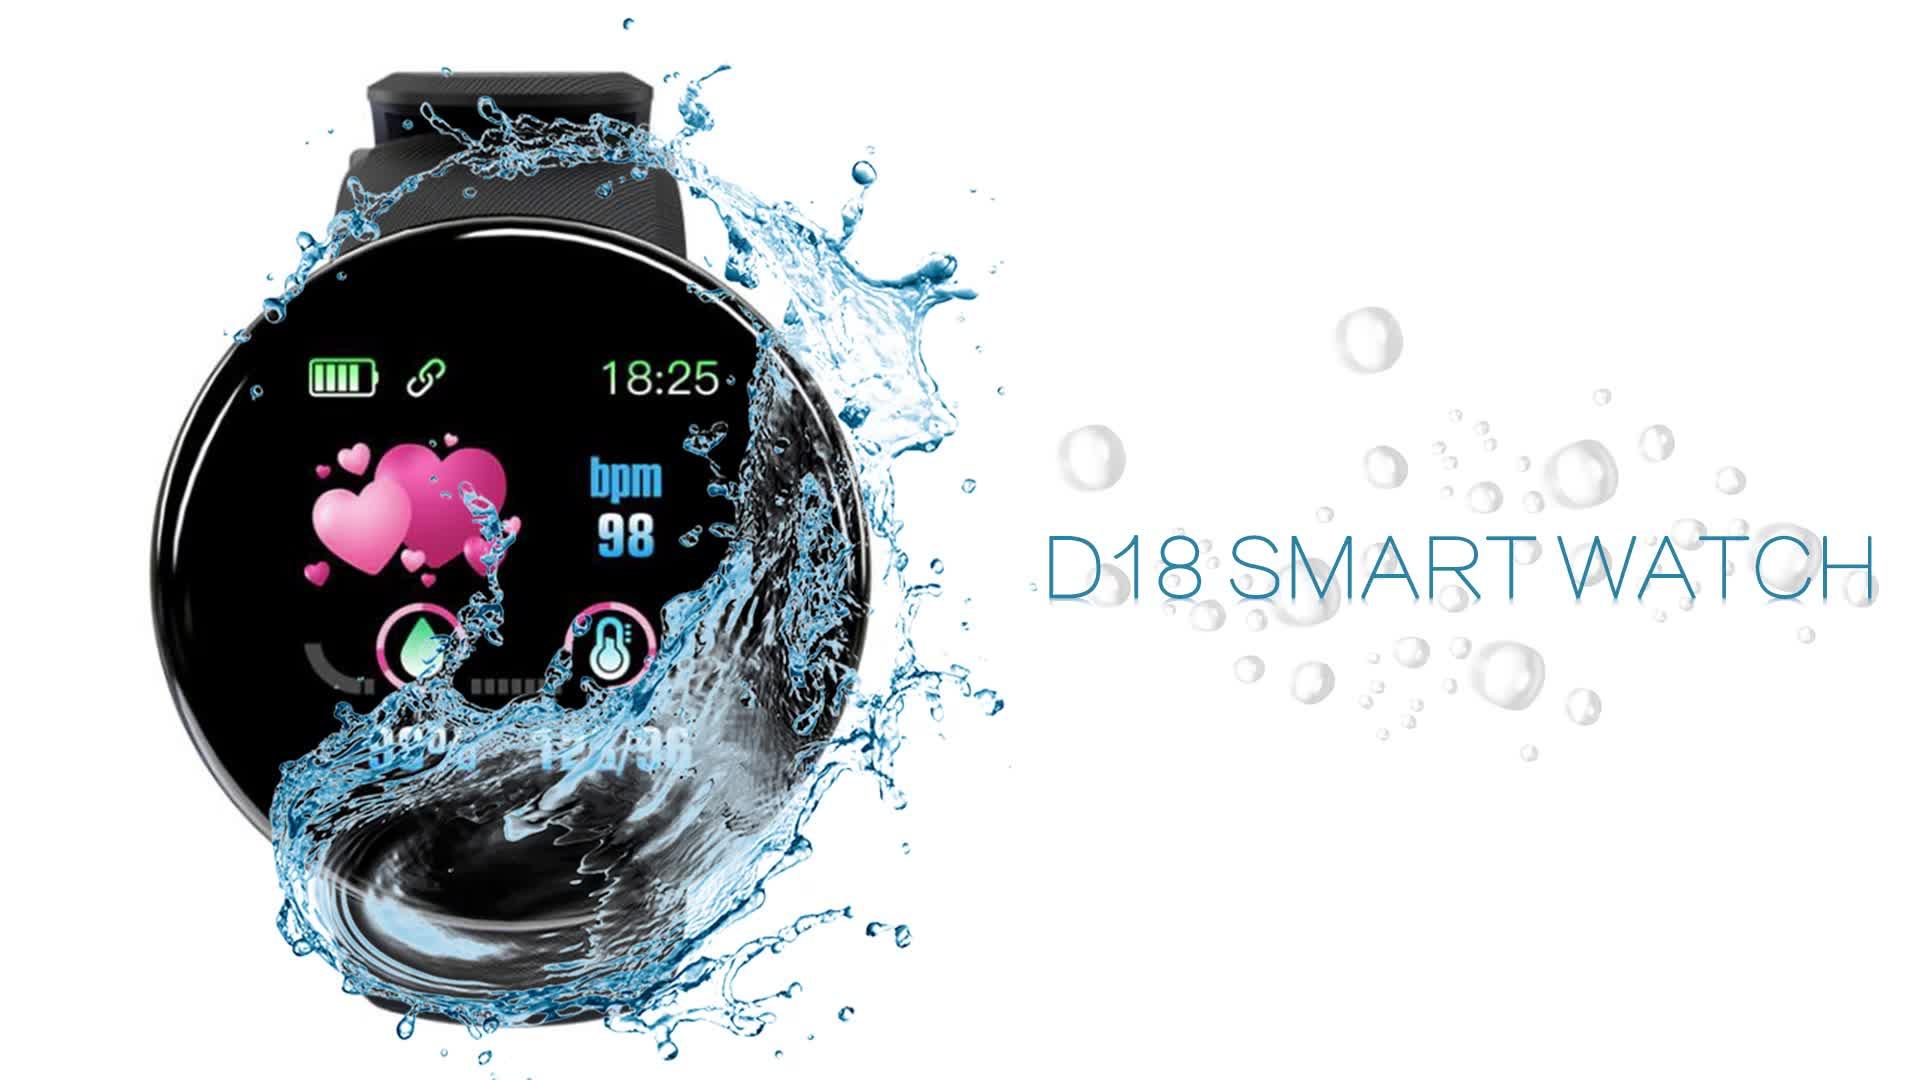 ONUEMP умные часы 2020, высокое качество, Reloj inteligente D18, умный браслет, Android, умные часы 2019 для мобильных телефонов, умные часы